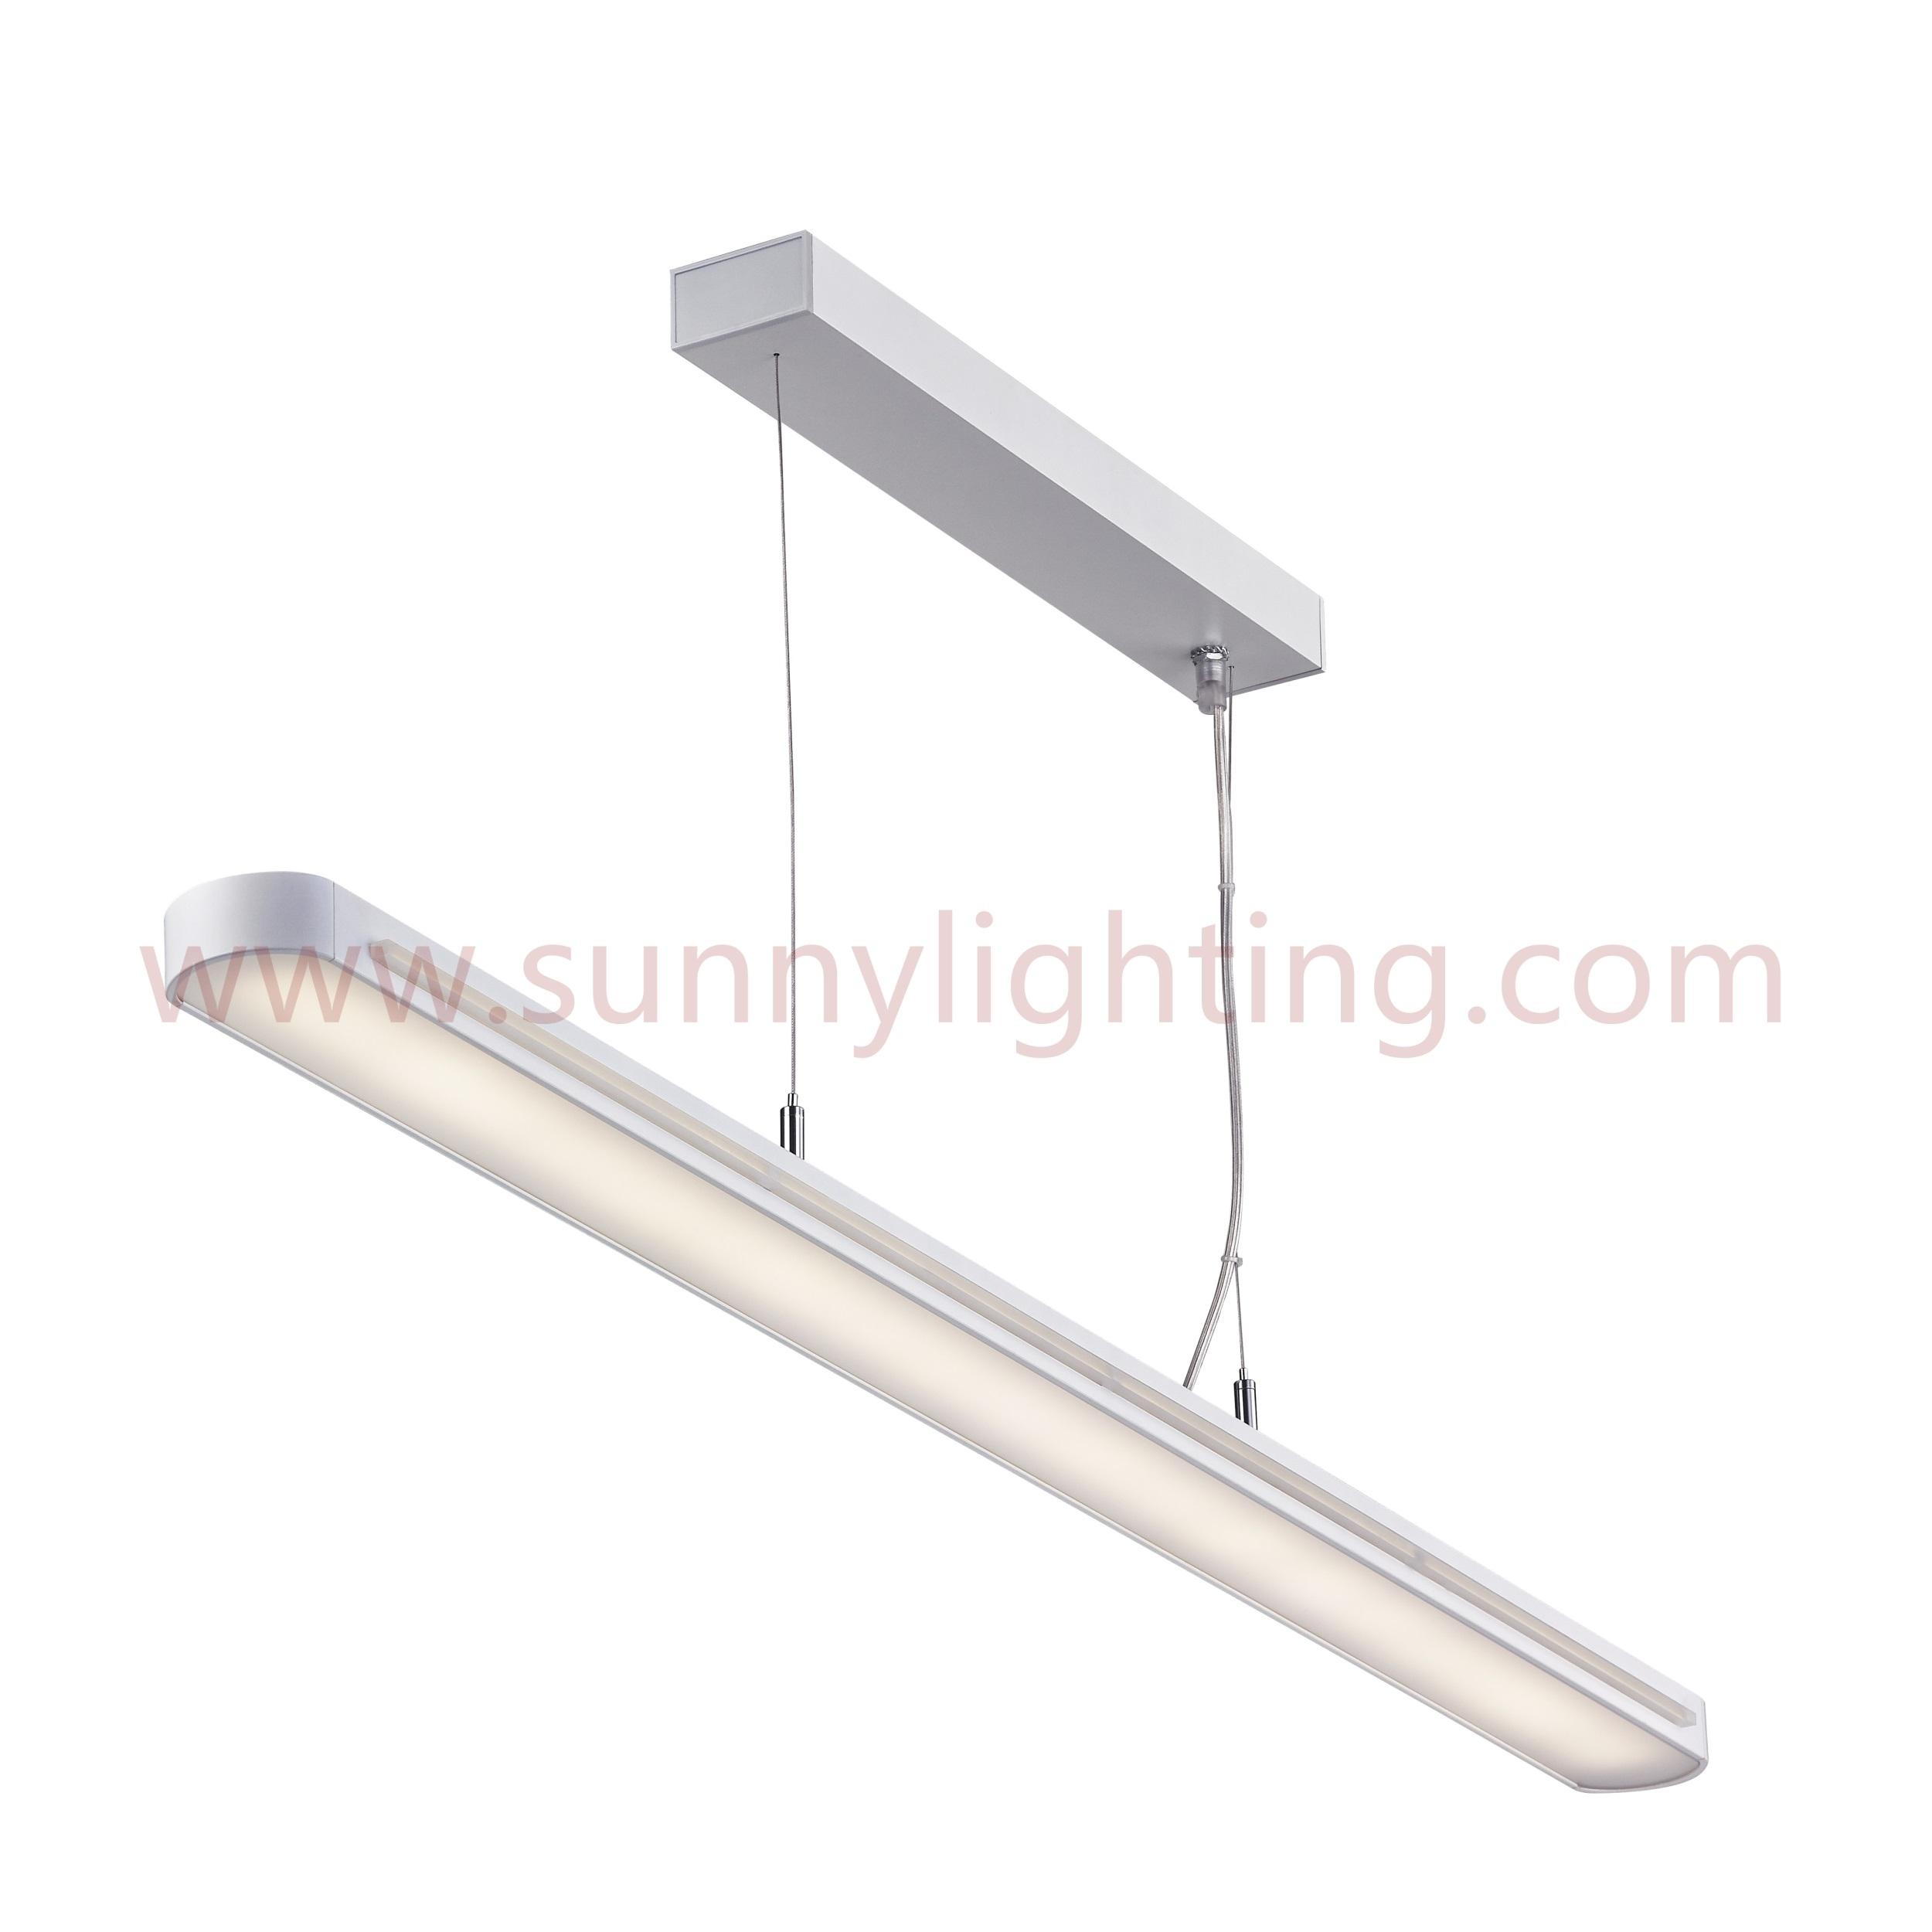 LED Linear Light 21.6/28.8W/36W LED-061B